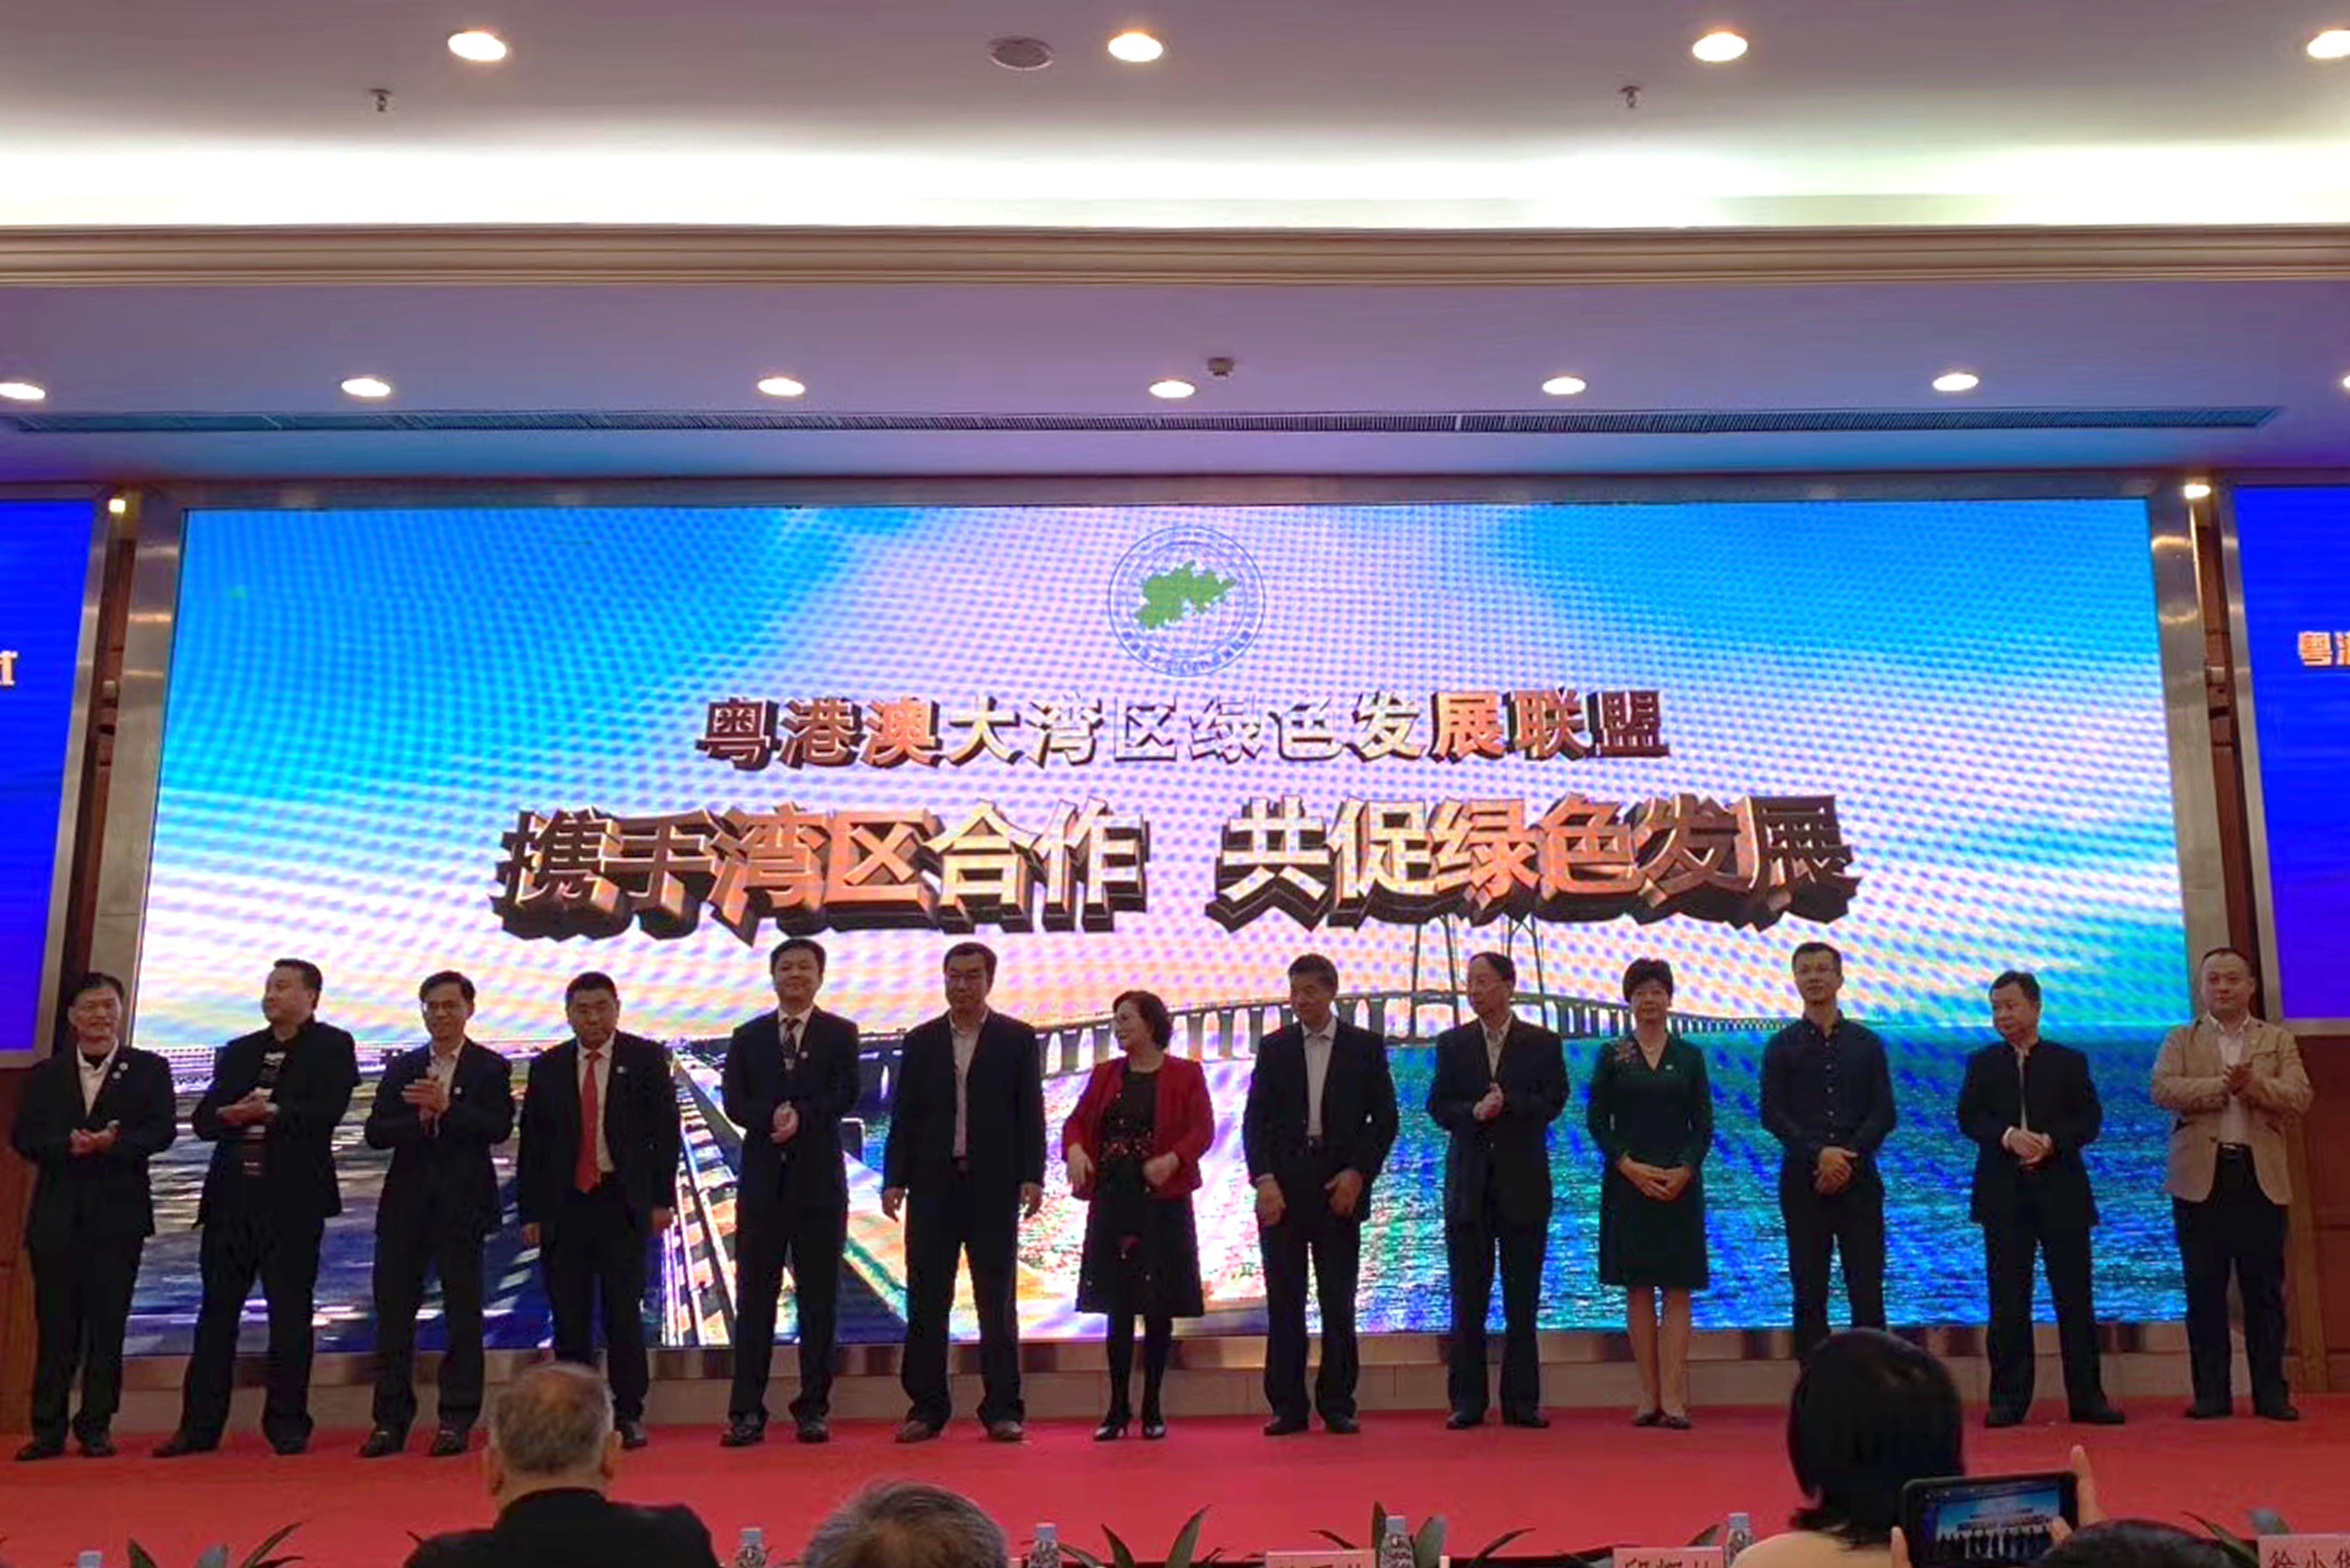 热烈祝贺粤港澳大湾区绿色发展联盟揭牌仪式圆满成功